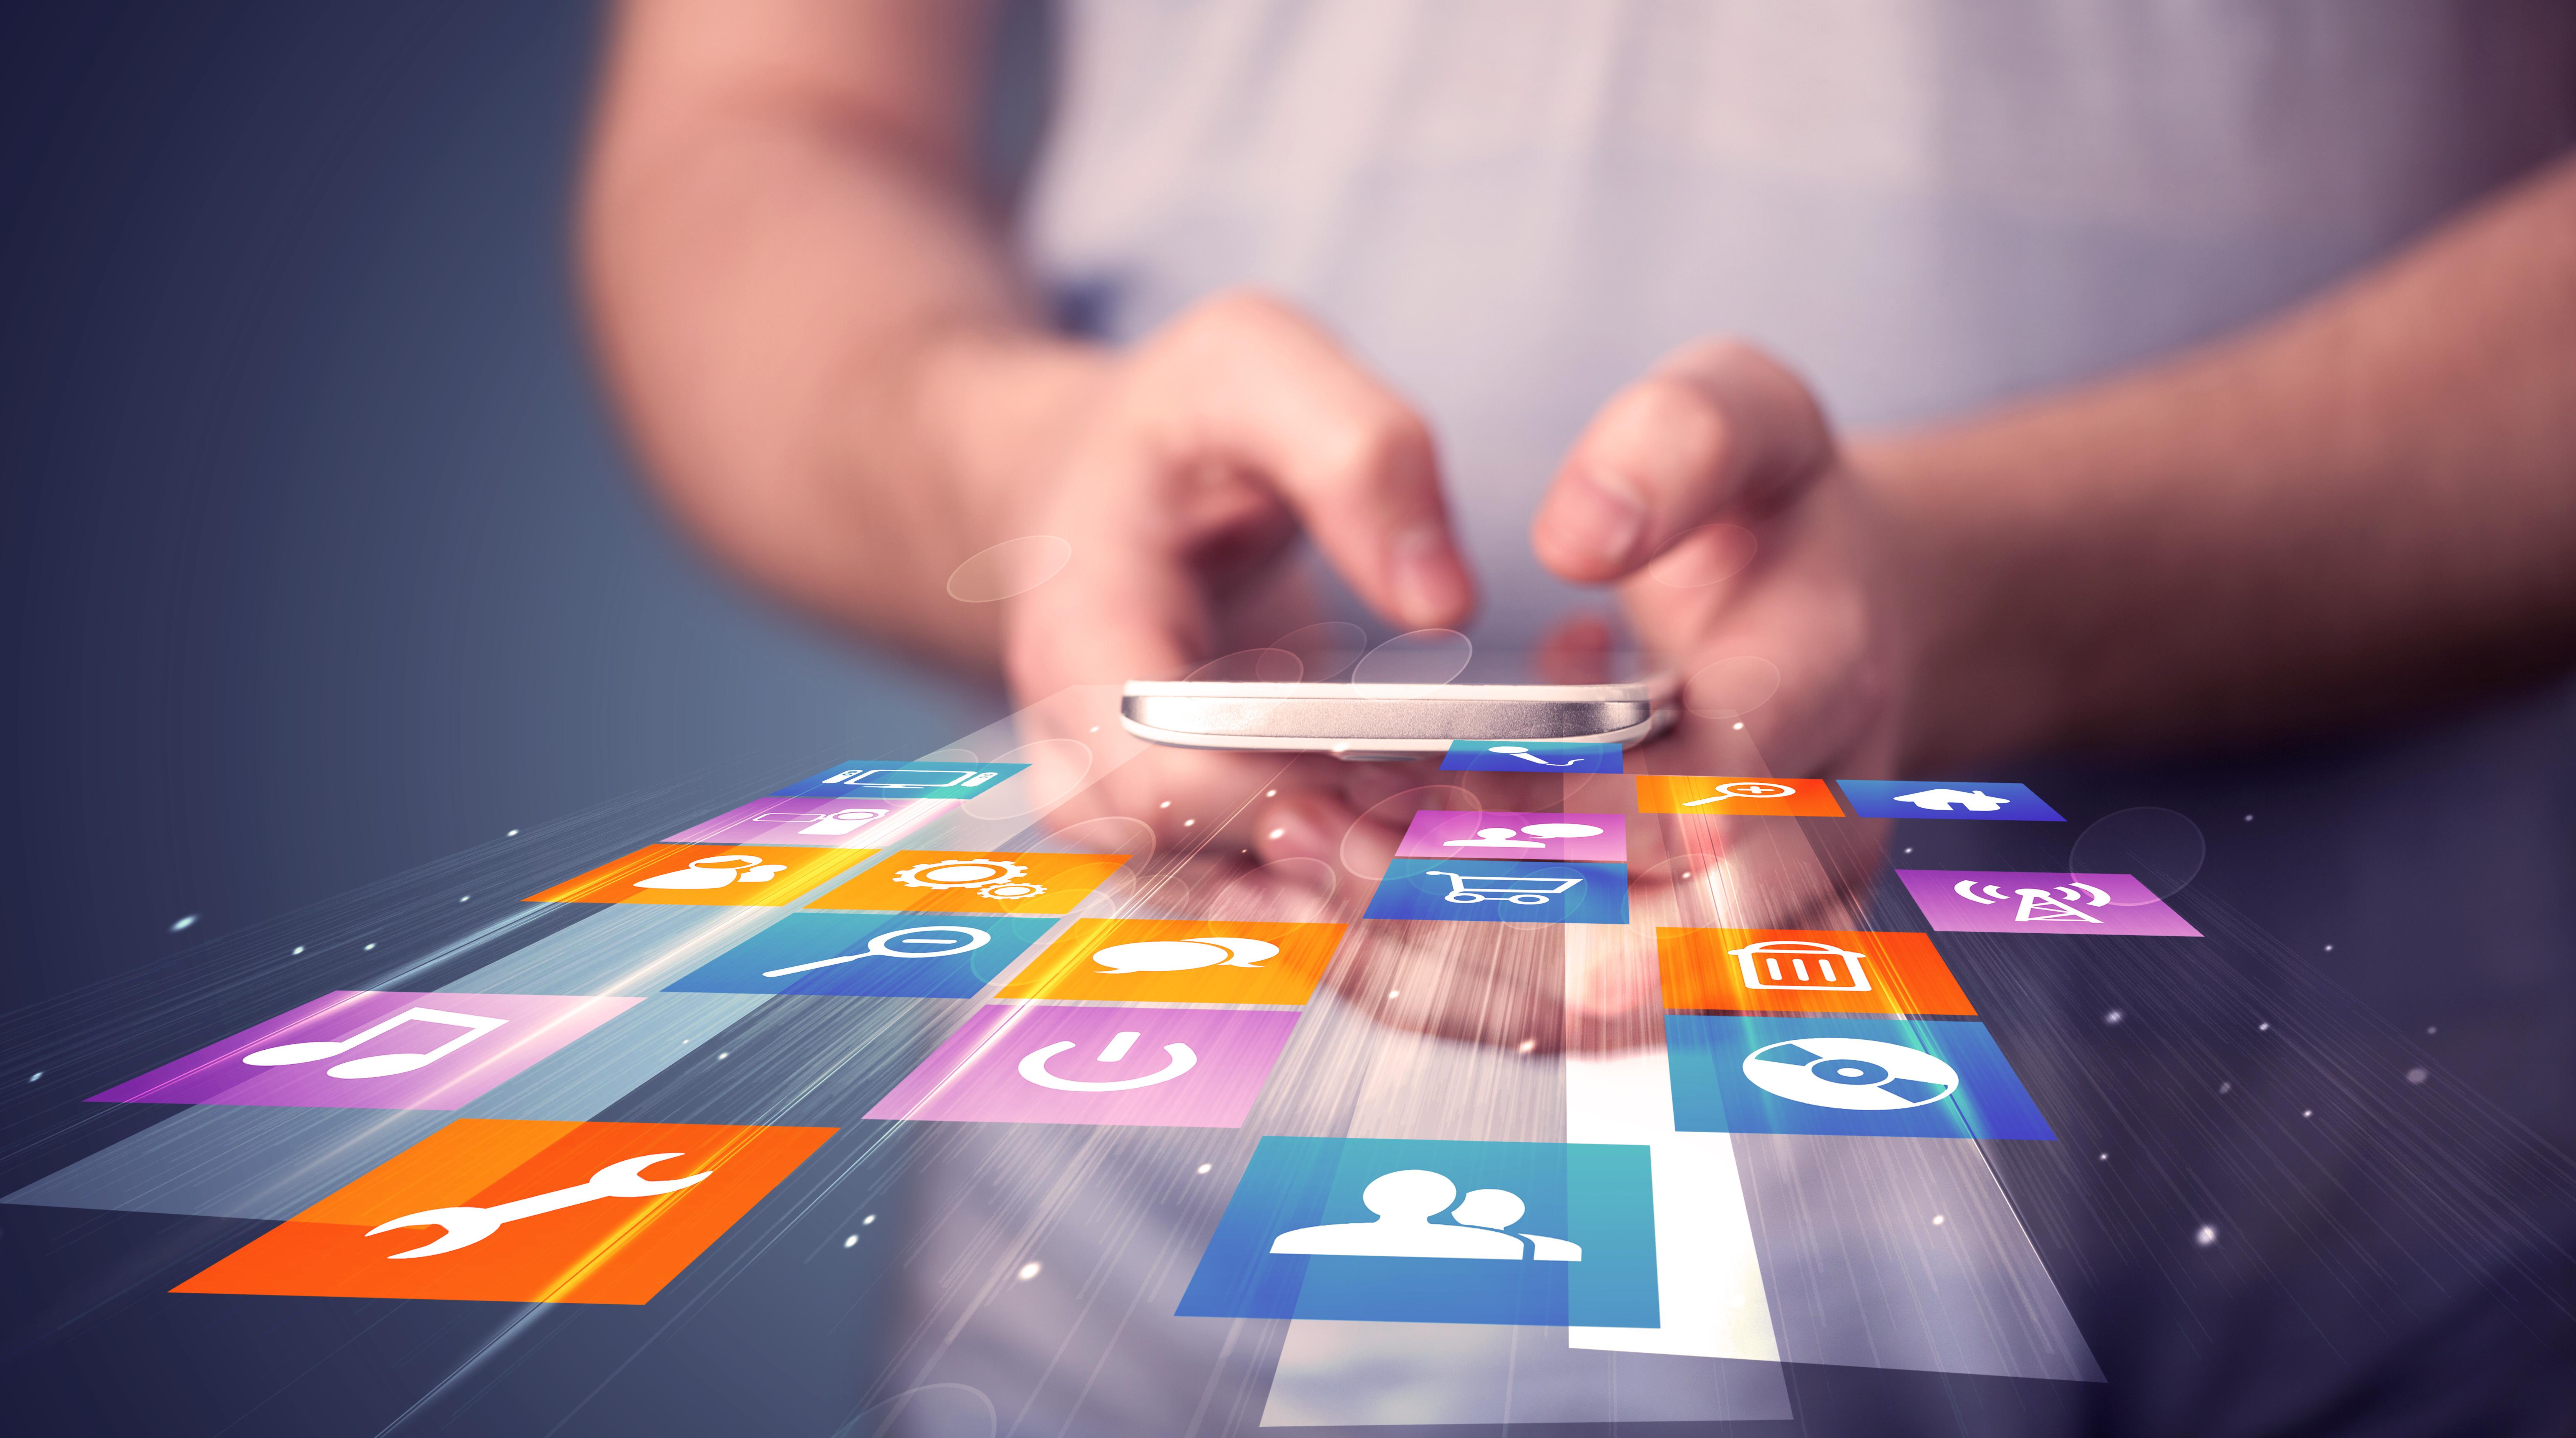 Mobilní aplikace WhatsApp pomohla najít dárce srdce